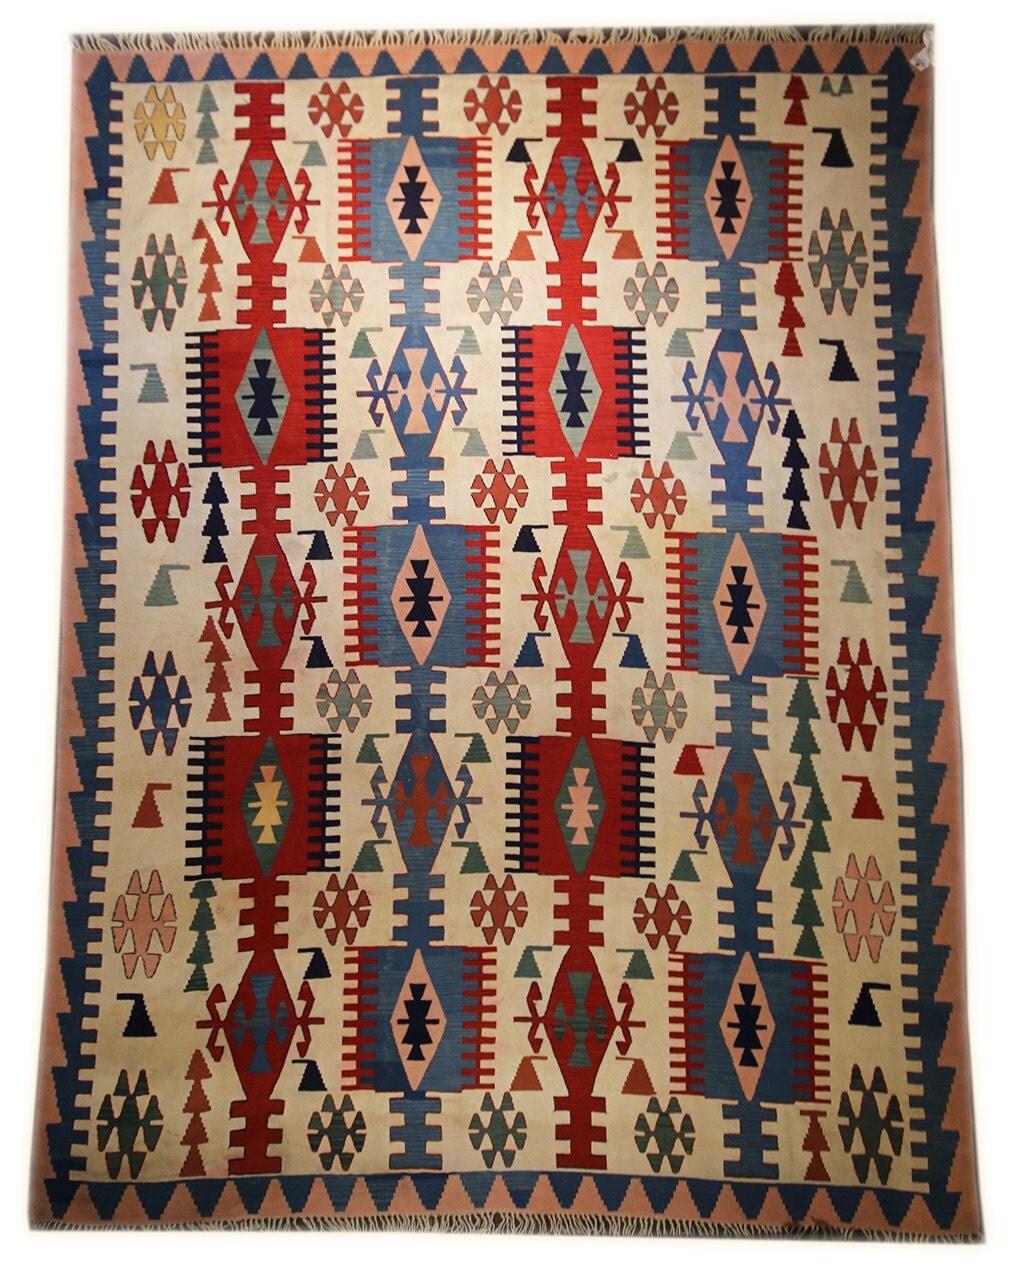 9x12 Vintage Kilim Area Rug Turkish Kilim Rug Flat Weave